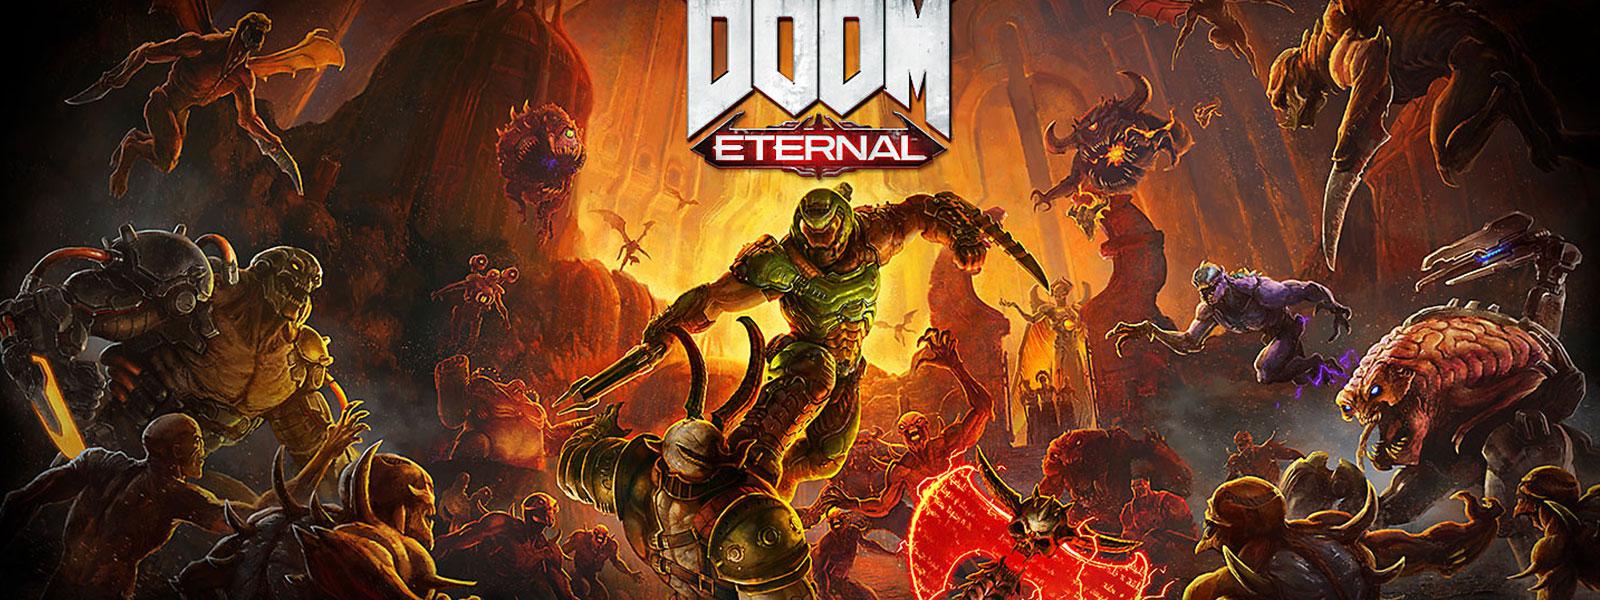 doom eternal itecnoshop